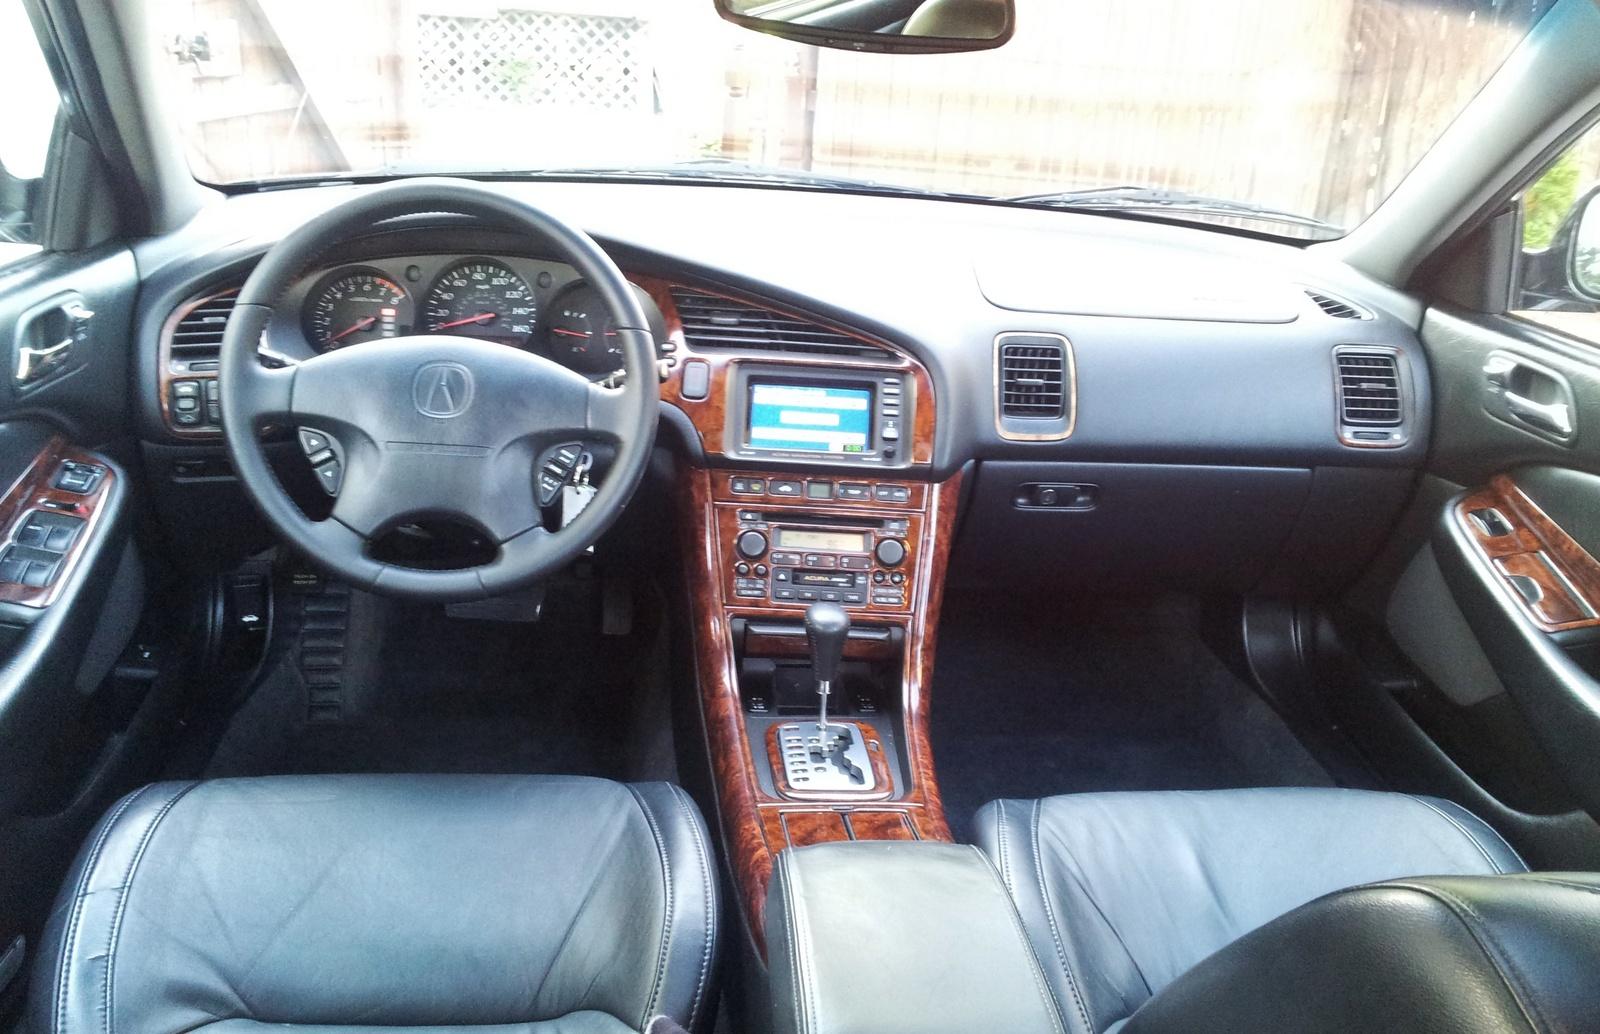 Acura Tl Sedan Pic on 2002 Acura Tl